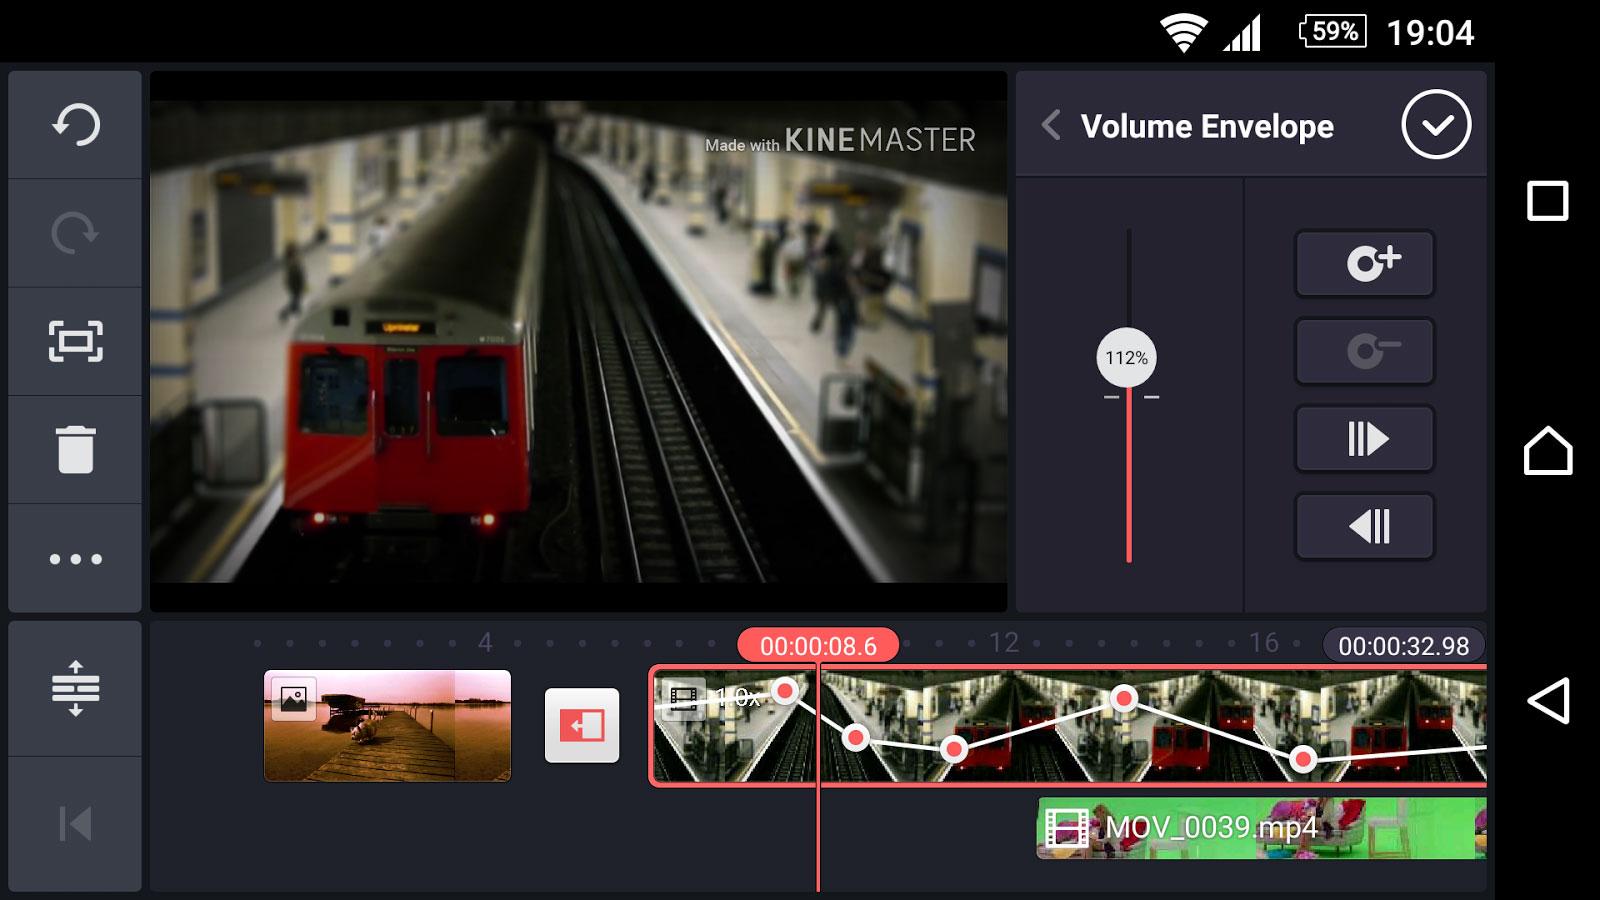 دانلود KineMaster Pro – Video Editor 4.7.6.11902.GP - ویرایشگر ویدئو اندروید + مود